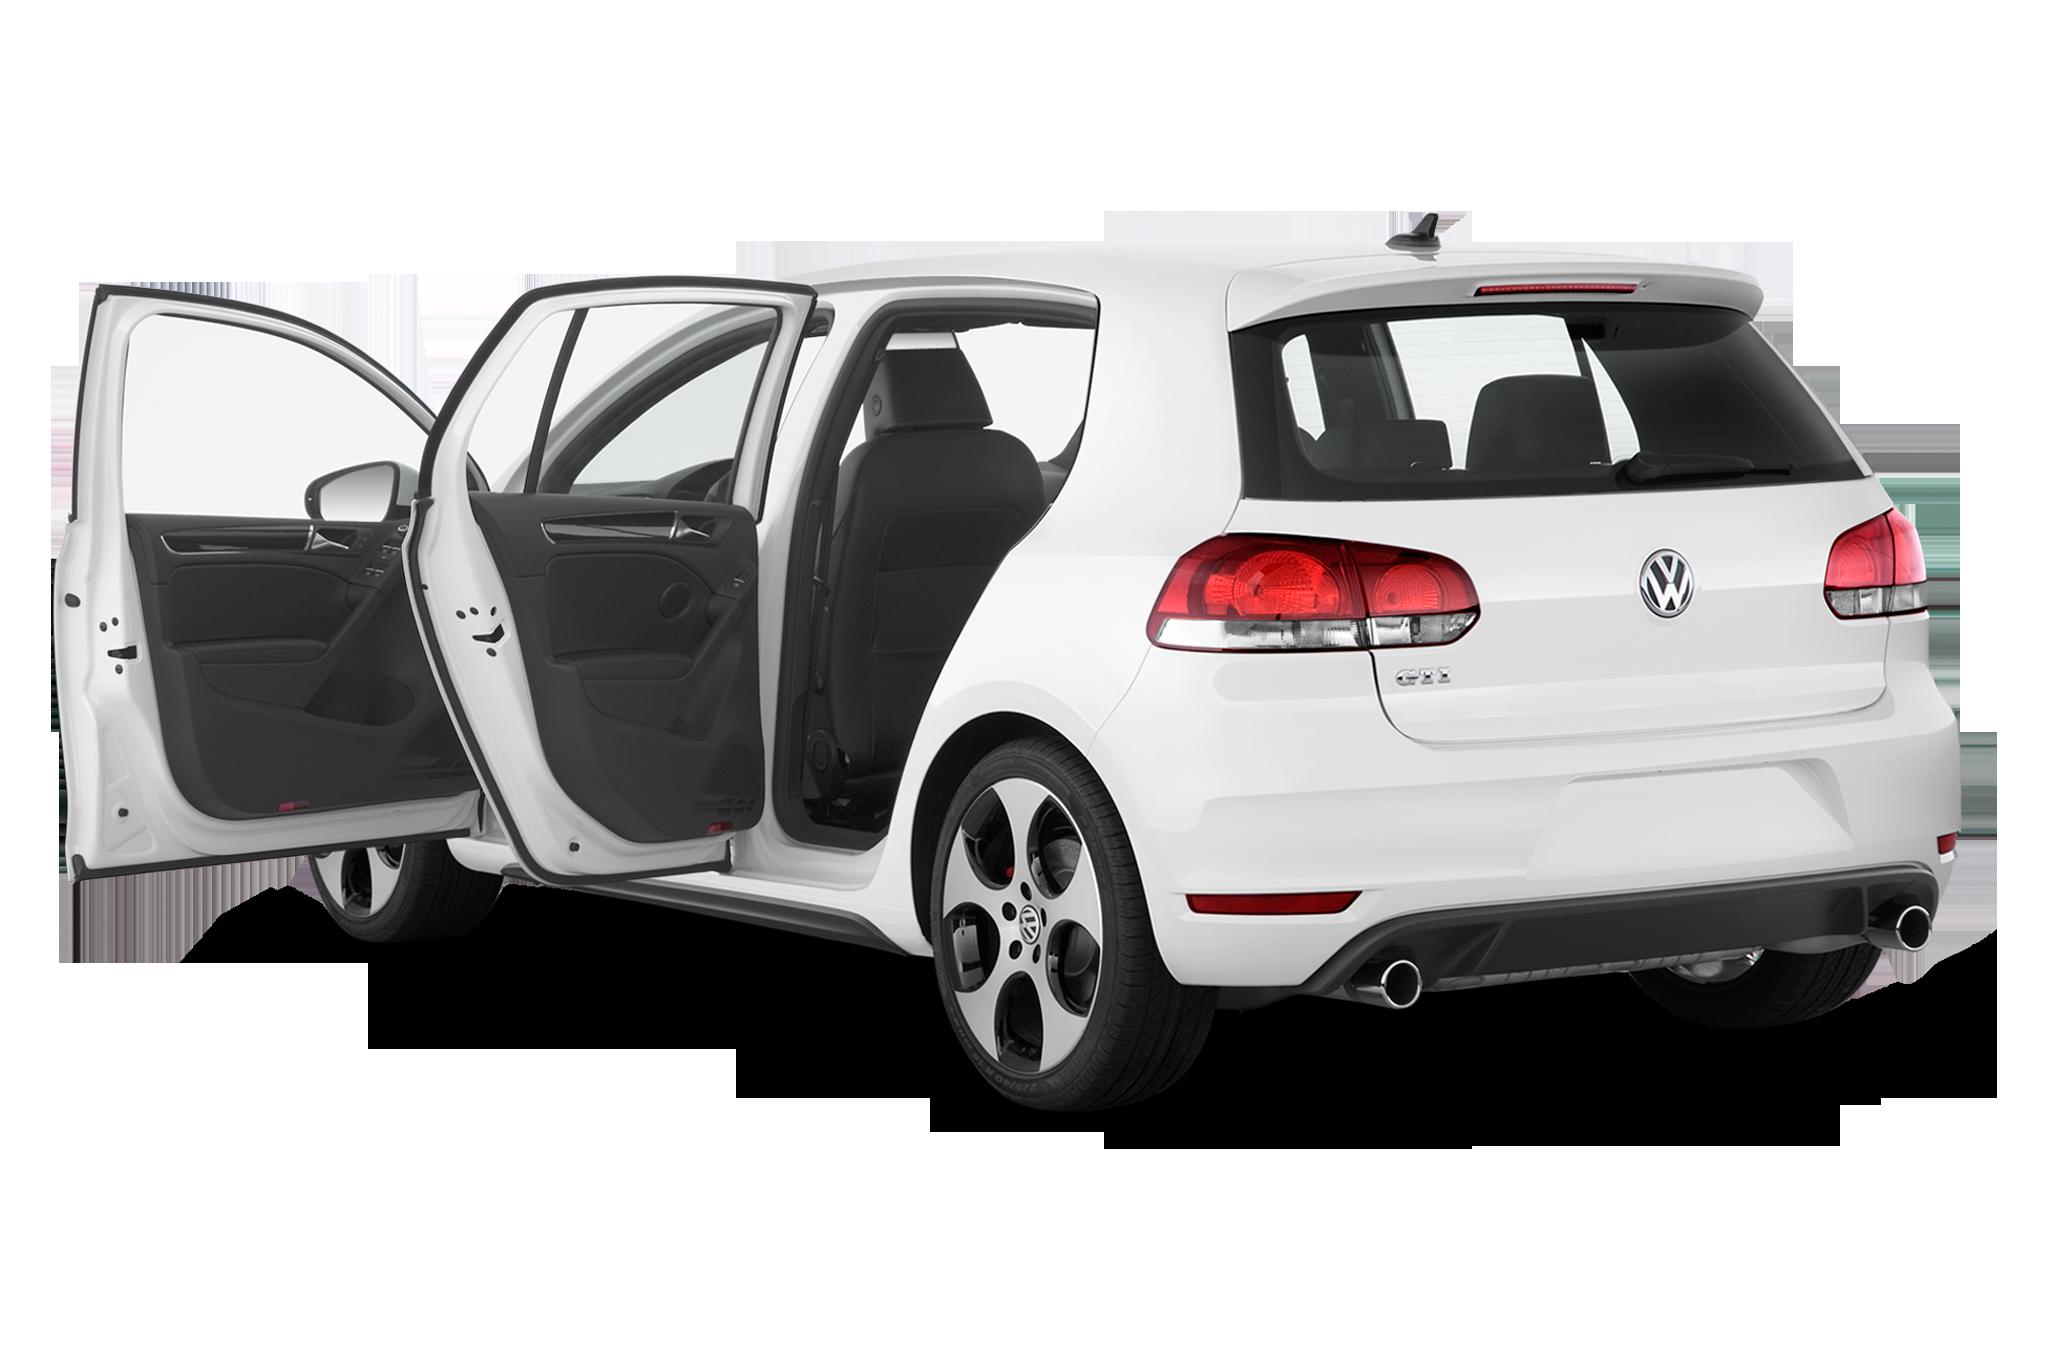 2012 Volkswagen Golf R Two Door Editors Notebook Automobile 2010 27 50